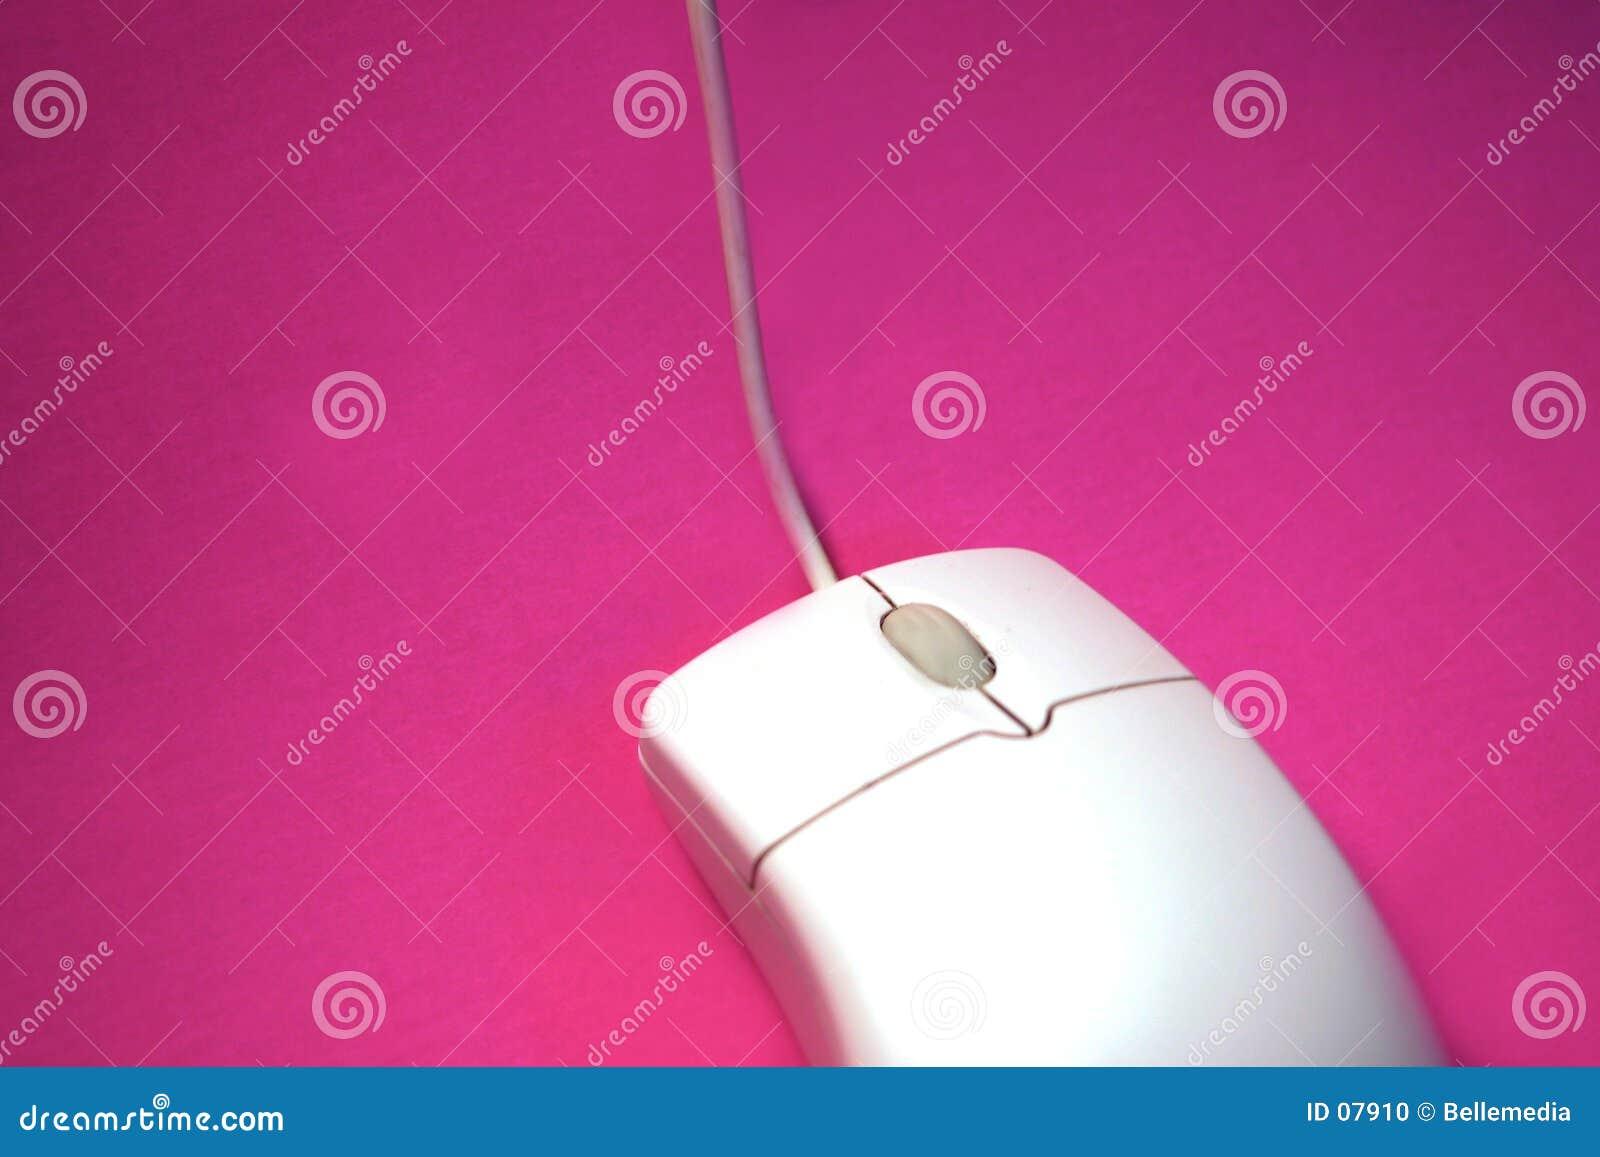 могущественная мышь